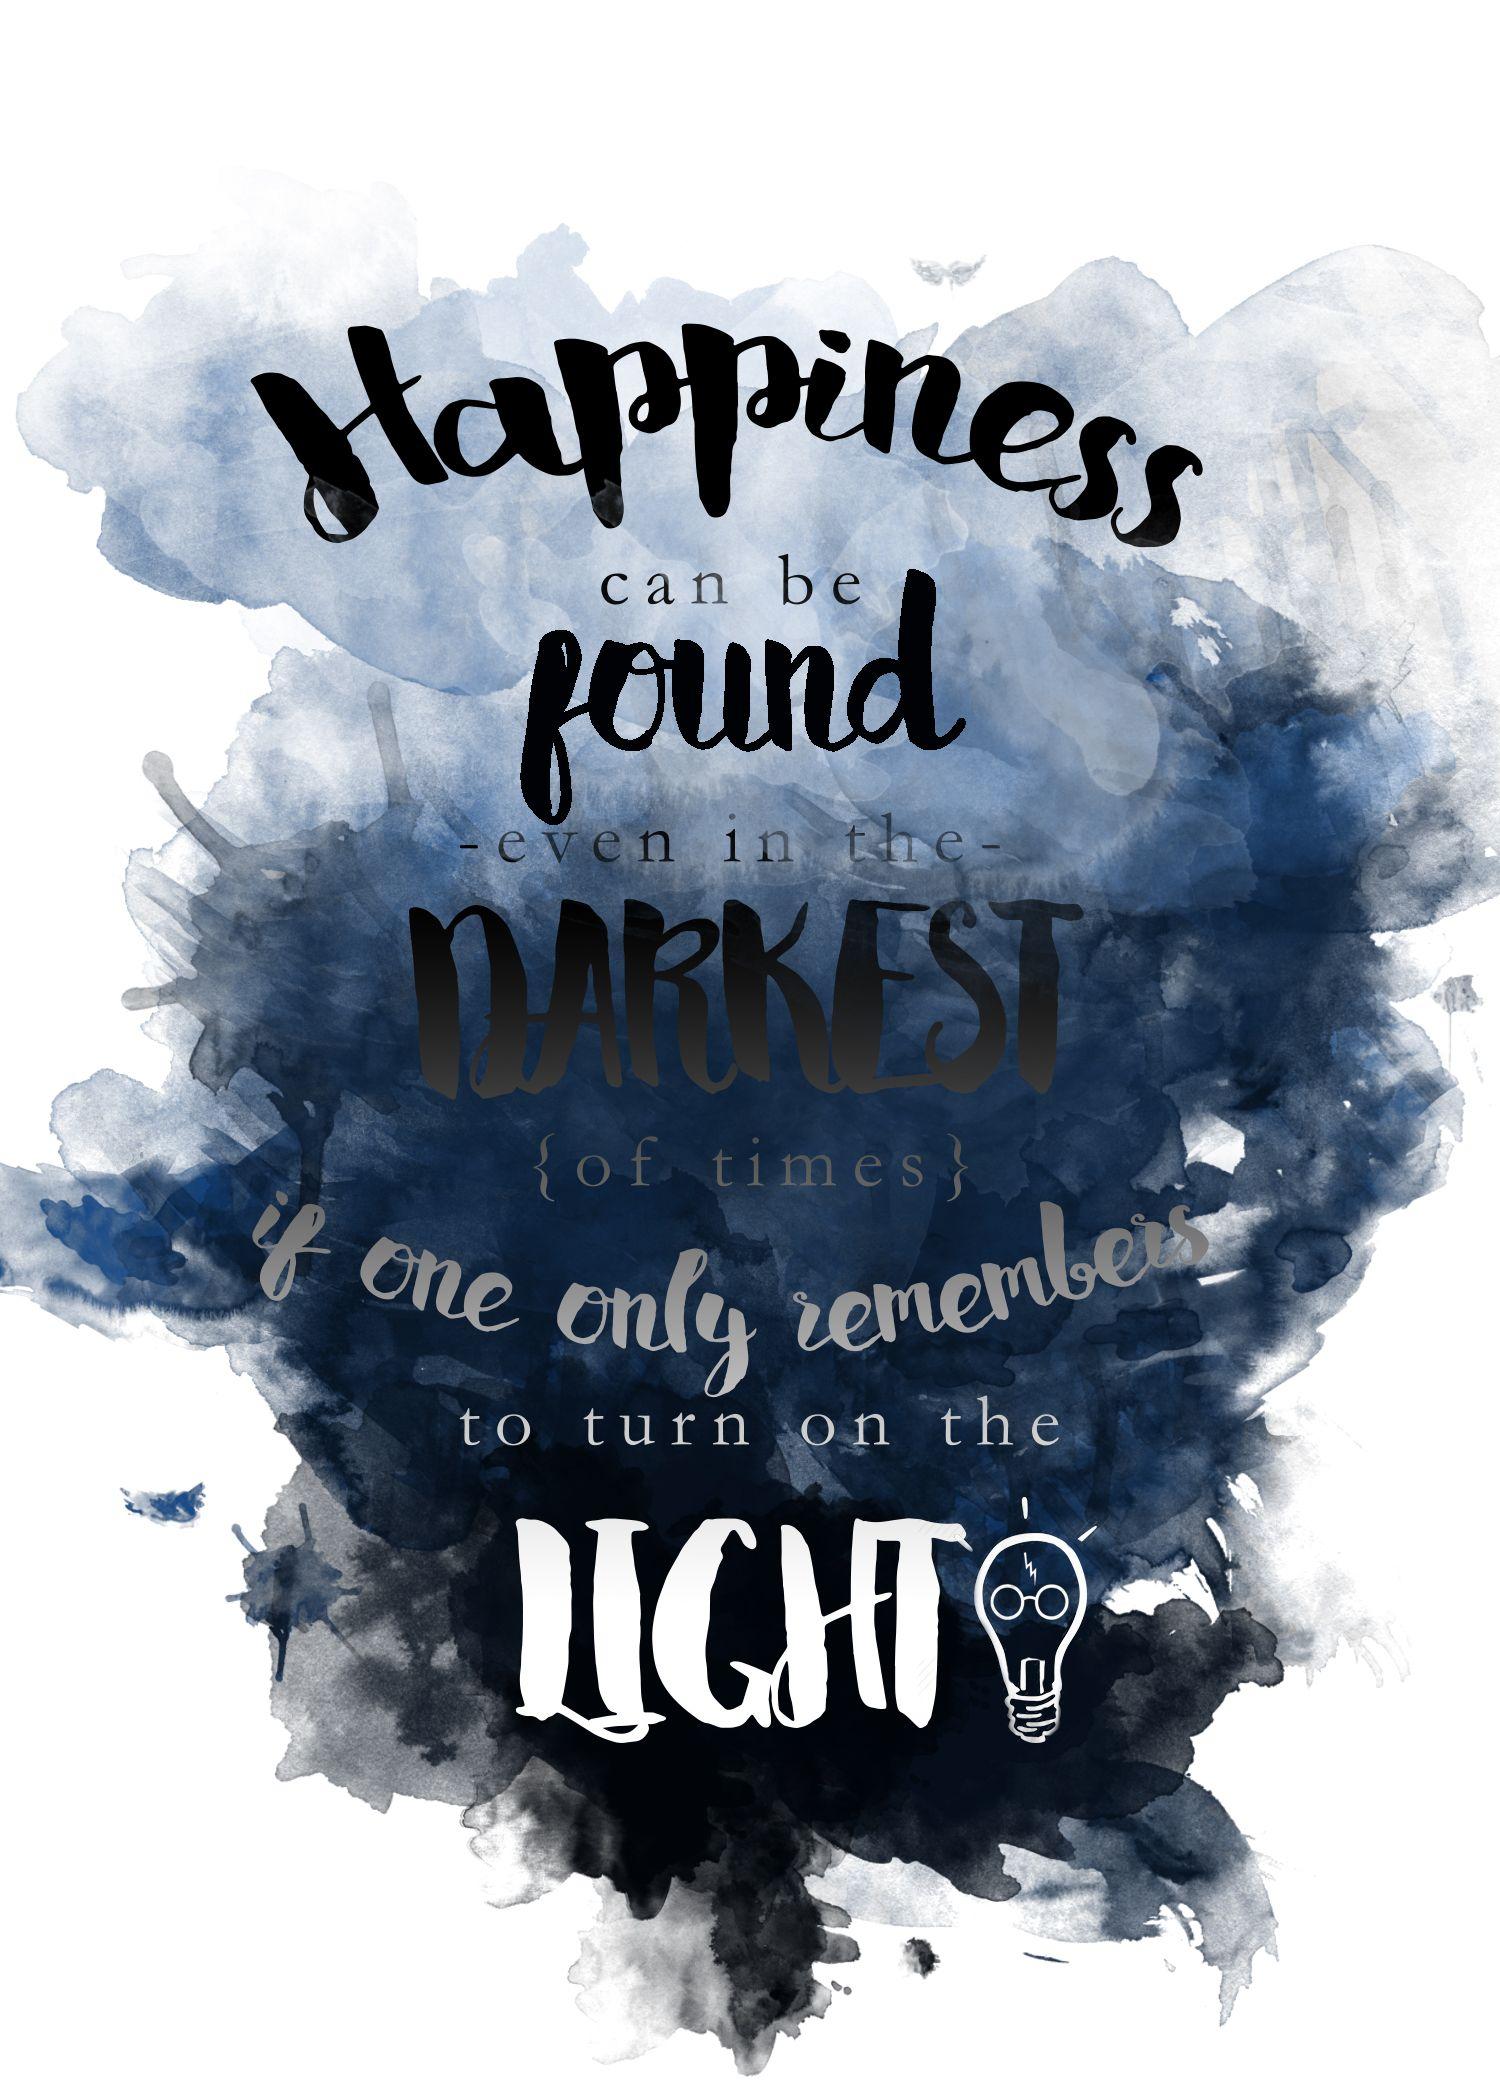 Harry Potter Fandom Poster By Evigelys Zitate Aus Harry Potter Hp Zitate Bildschirmhintergrund Spruche